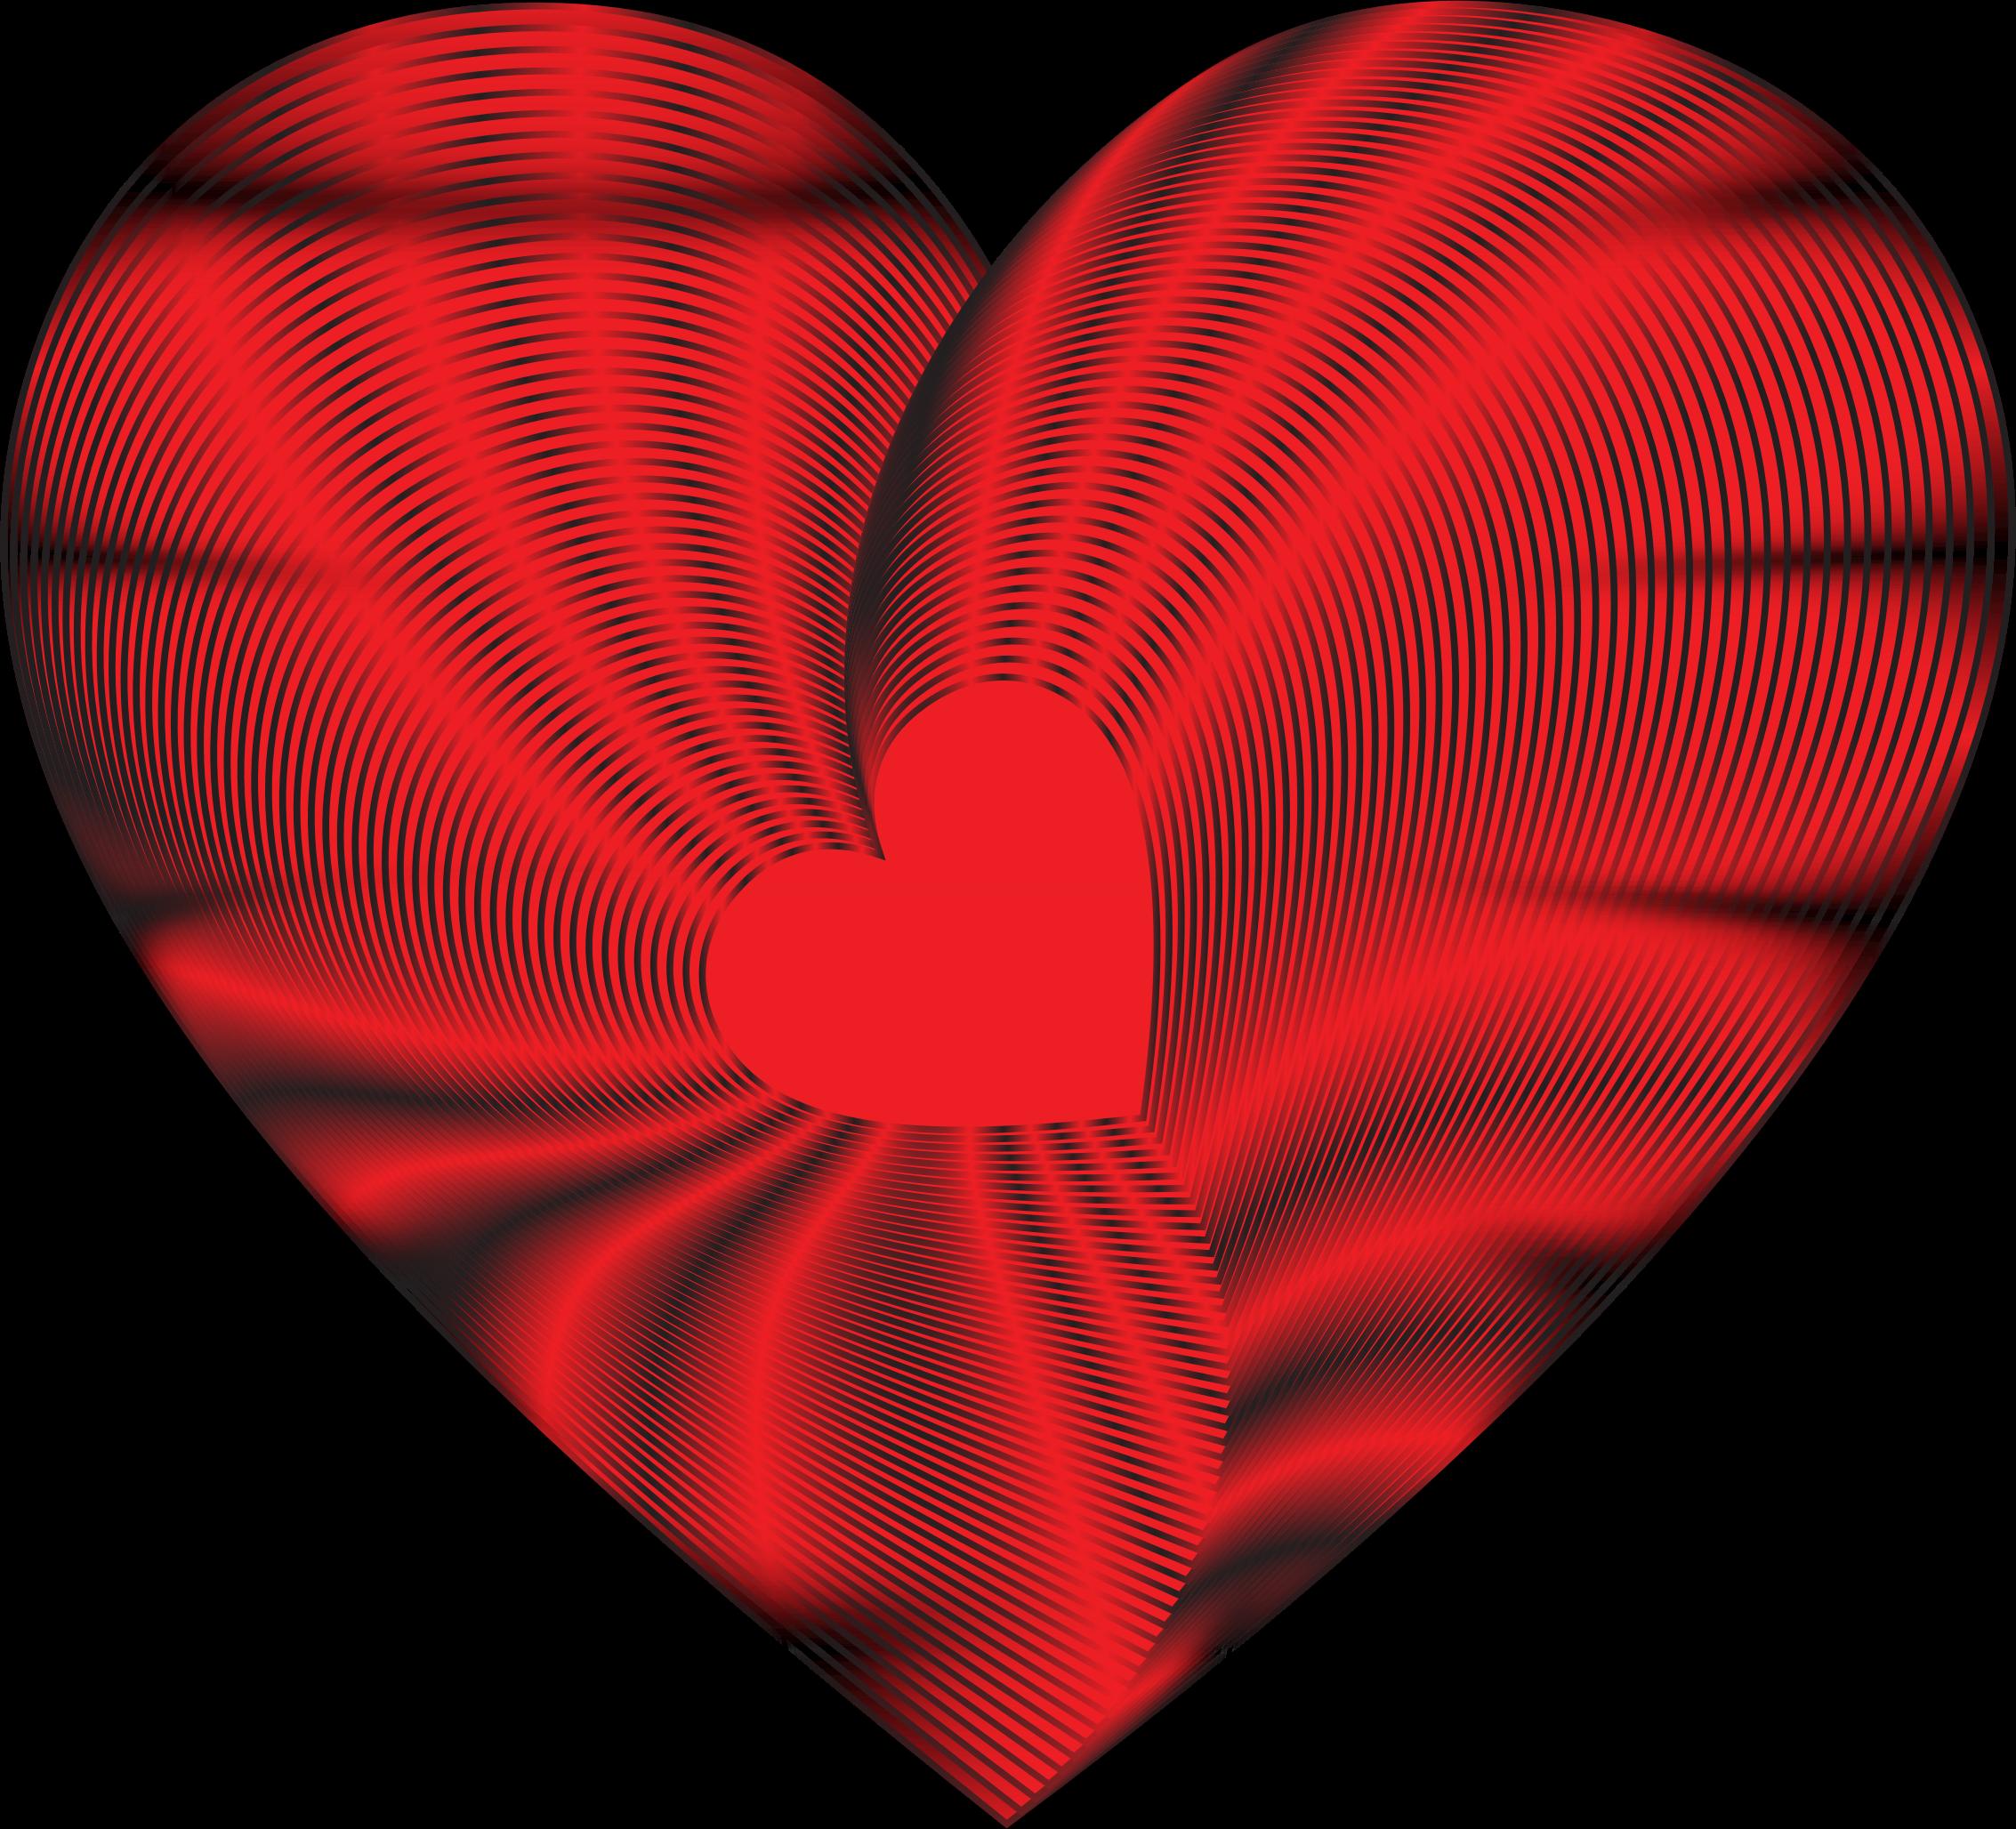 Rainbow heart clipart vector freeuse Clipart - Golden Heart Of The Rainbow 6 vector freeuse